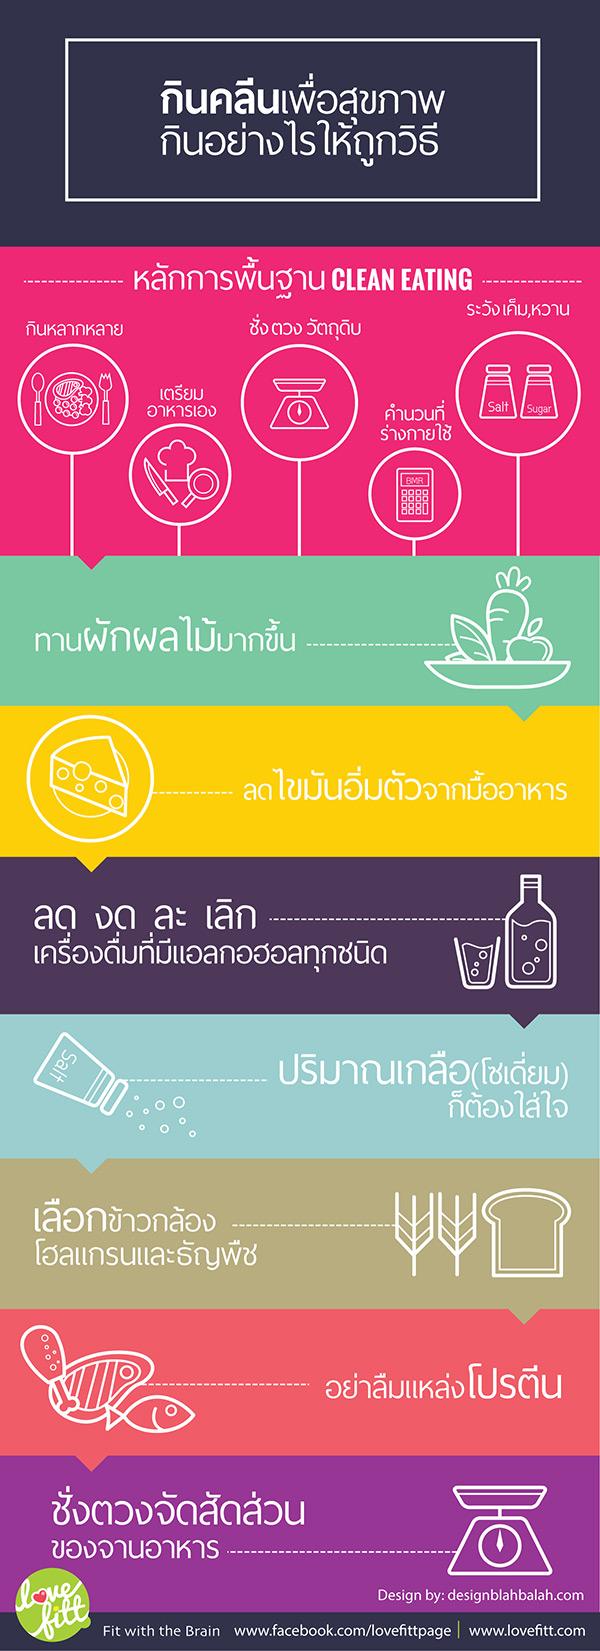 กินคลีนเพื่อสุขภาพกินอย่างไรให้ถูกวิธี